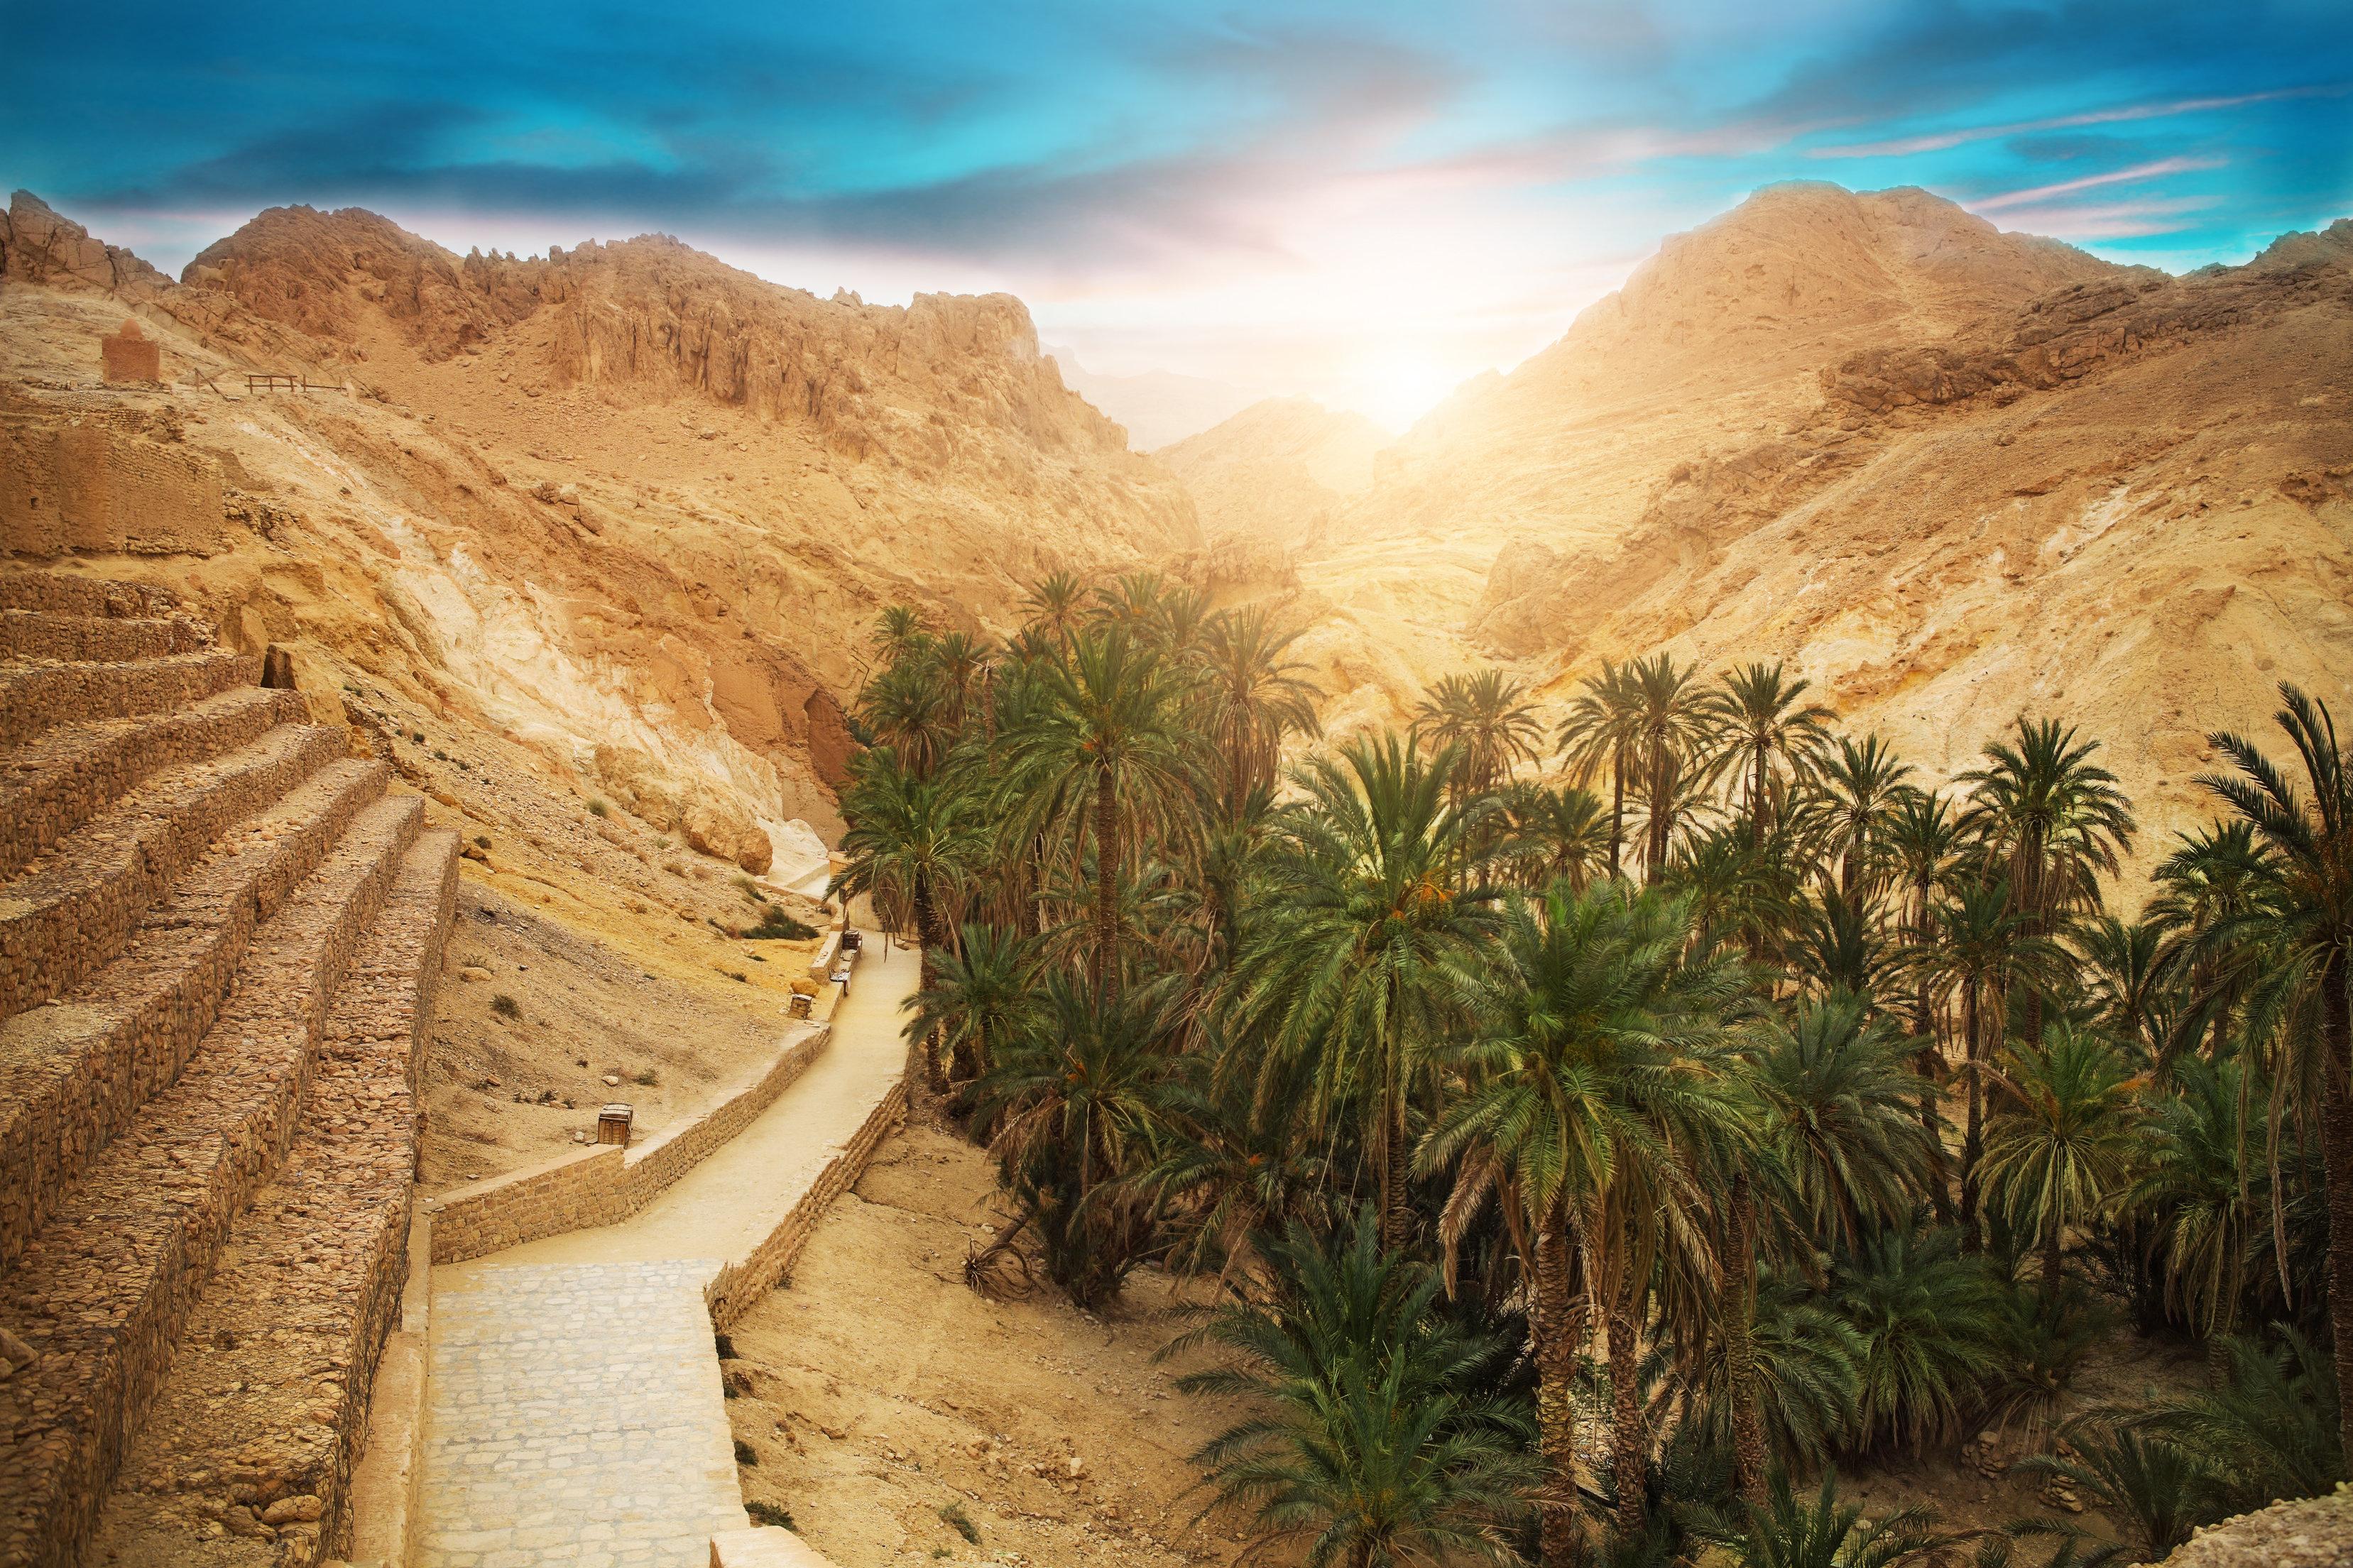 Tourisme, culture...Tozeur a le potentiel pour devenir le nouveau Marrakech selon René